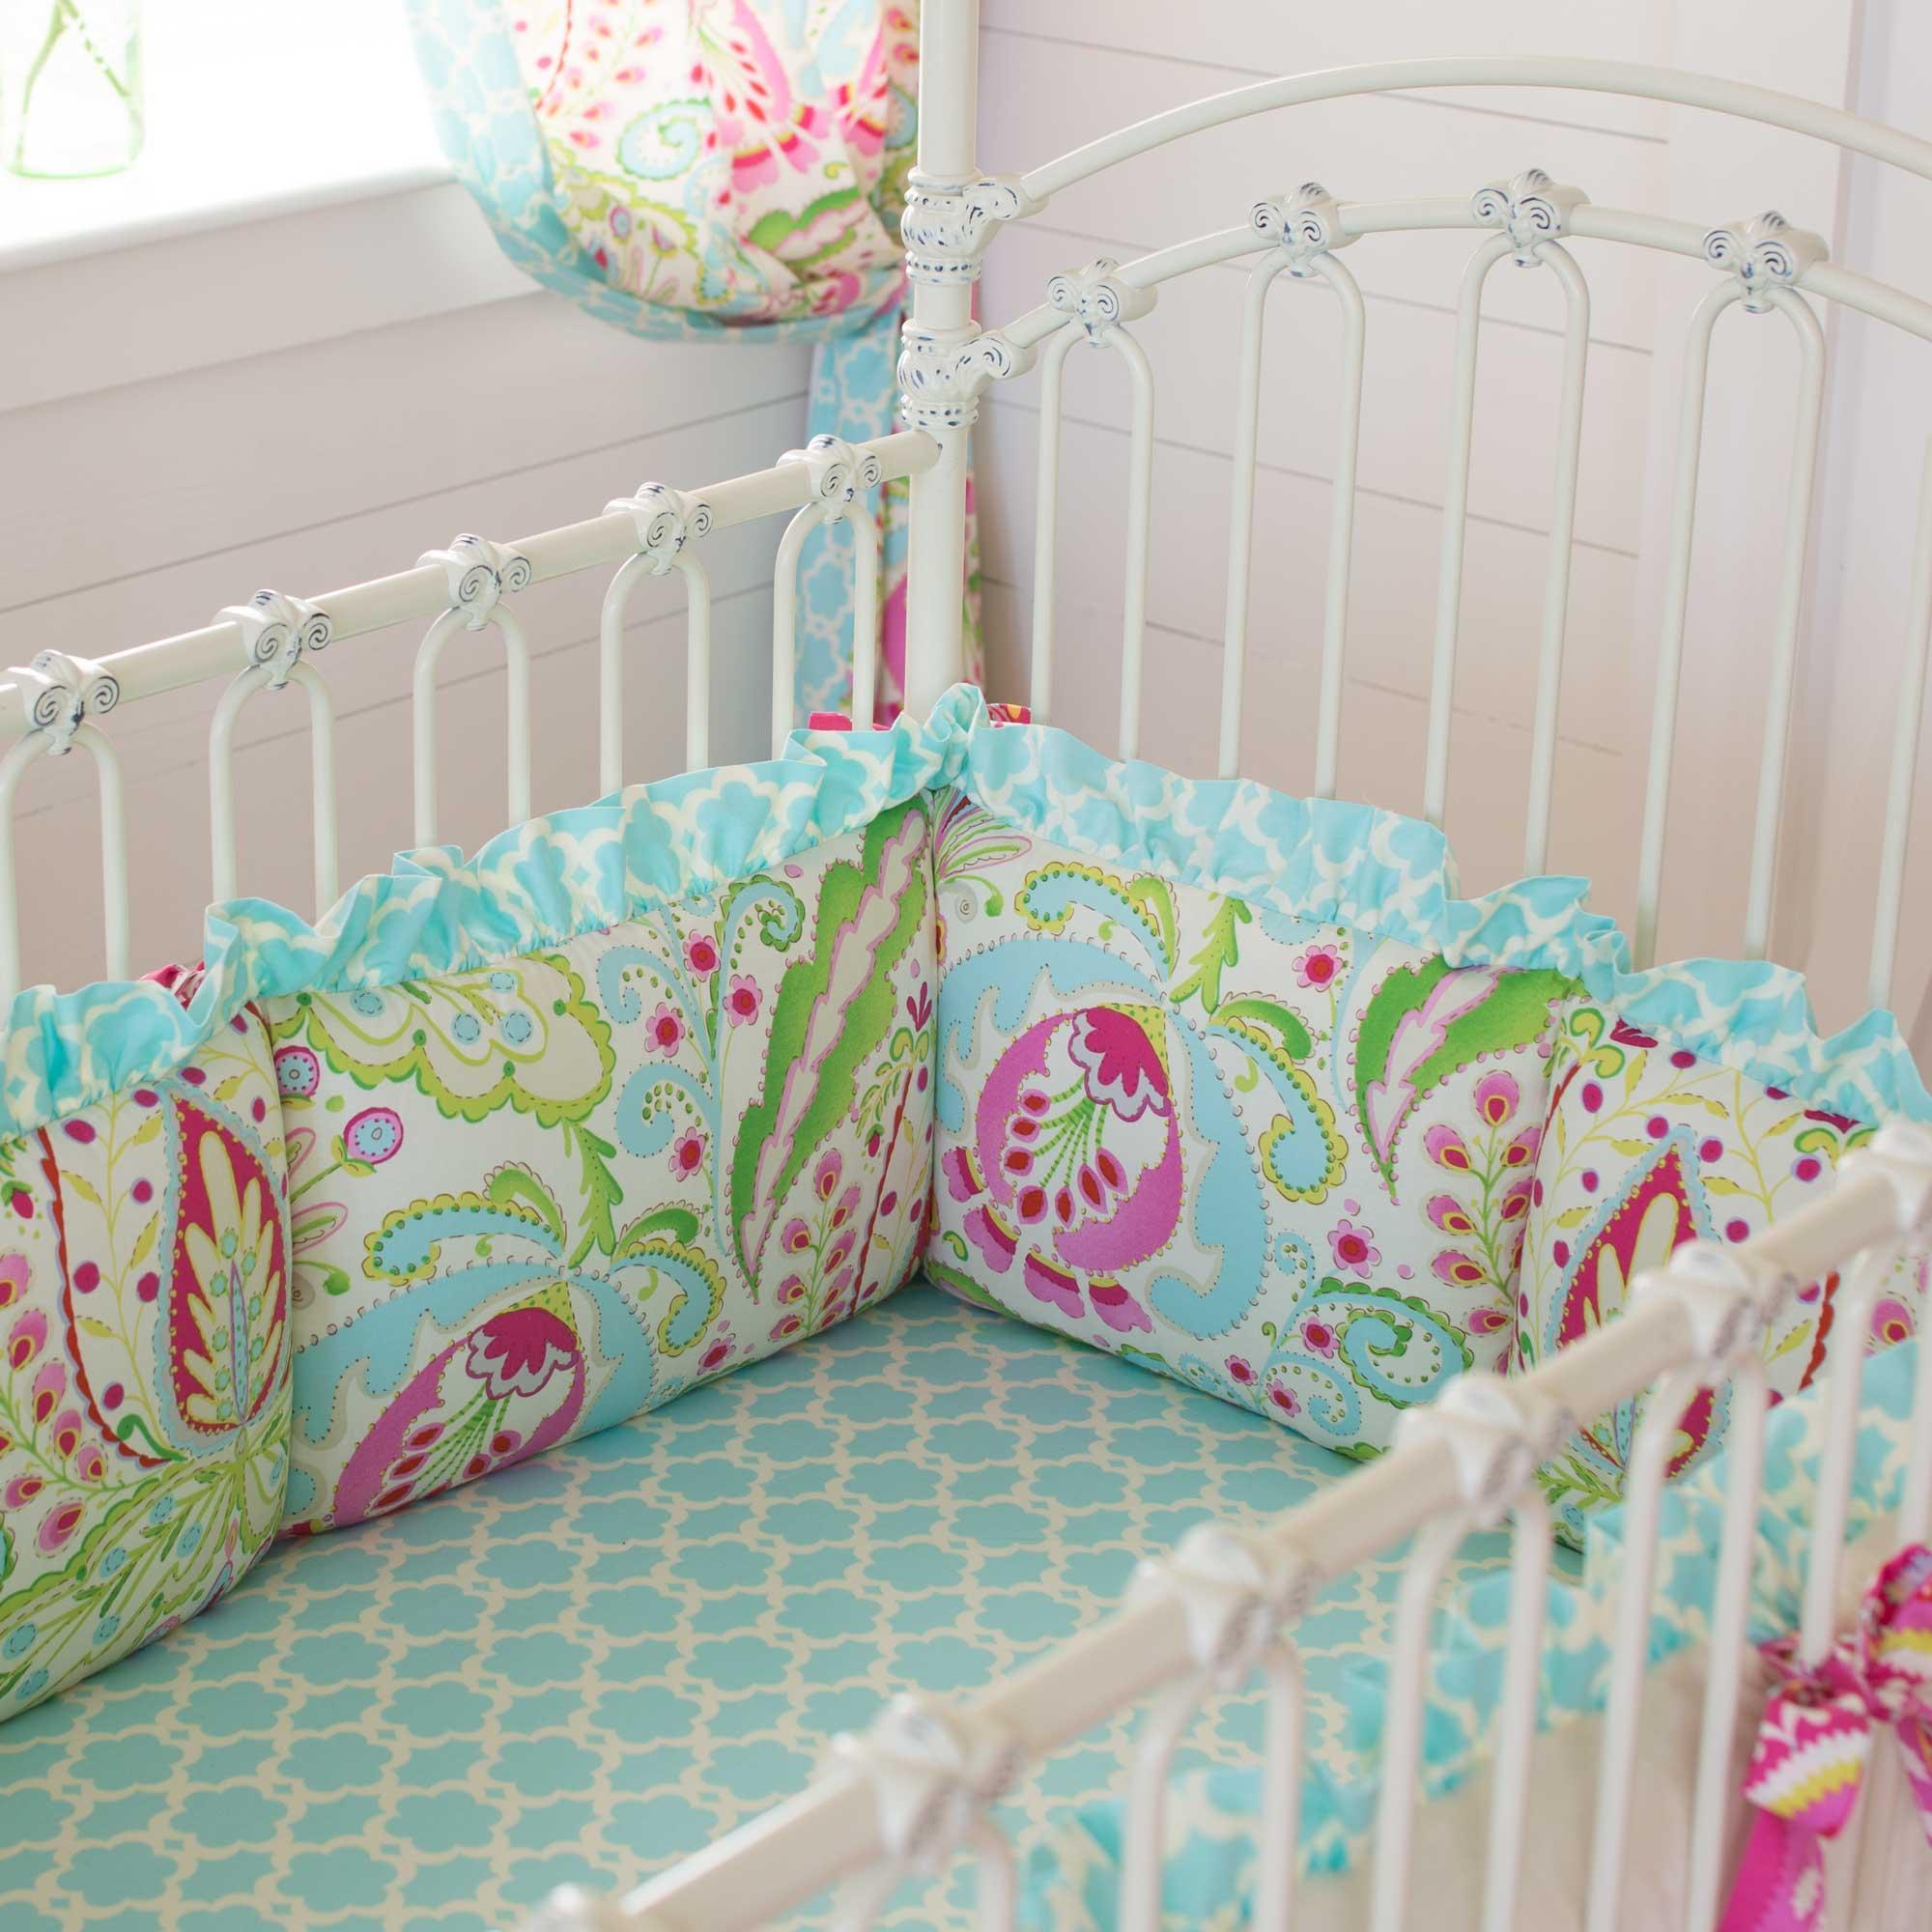 Crib Bumpers | Bassinet Bumper | Crib Bumper Ideas